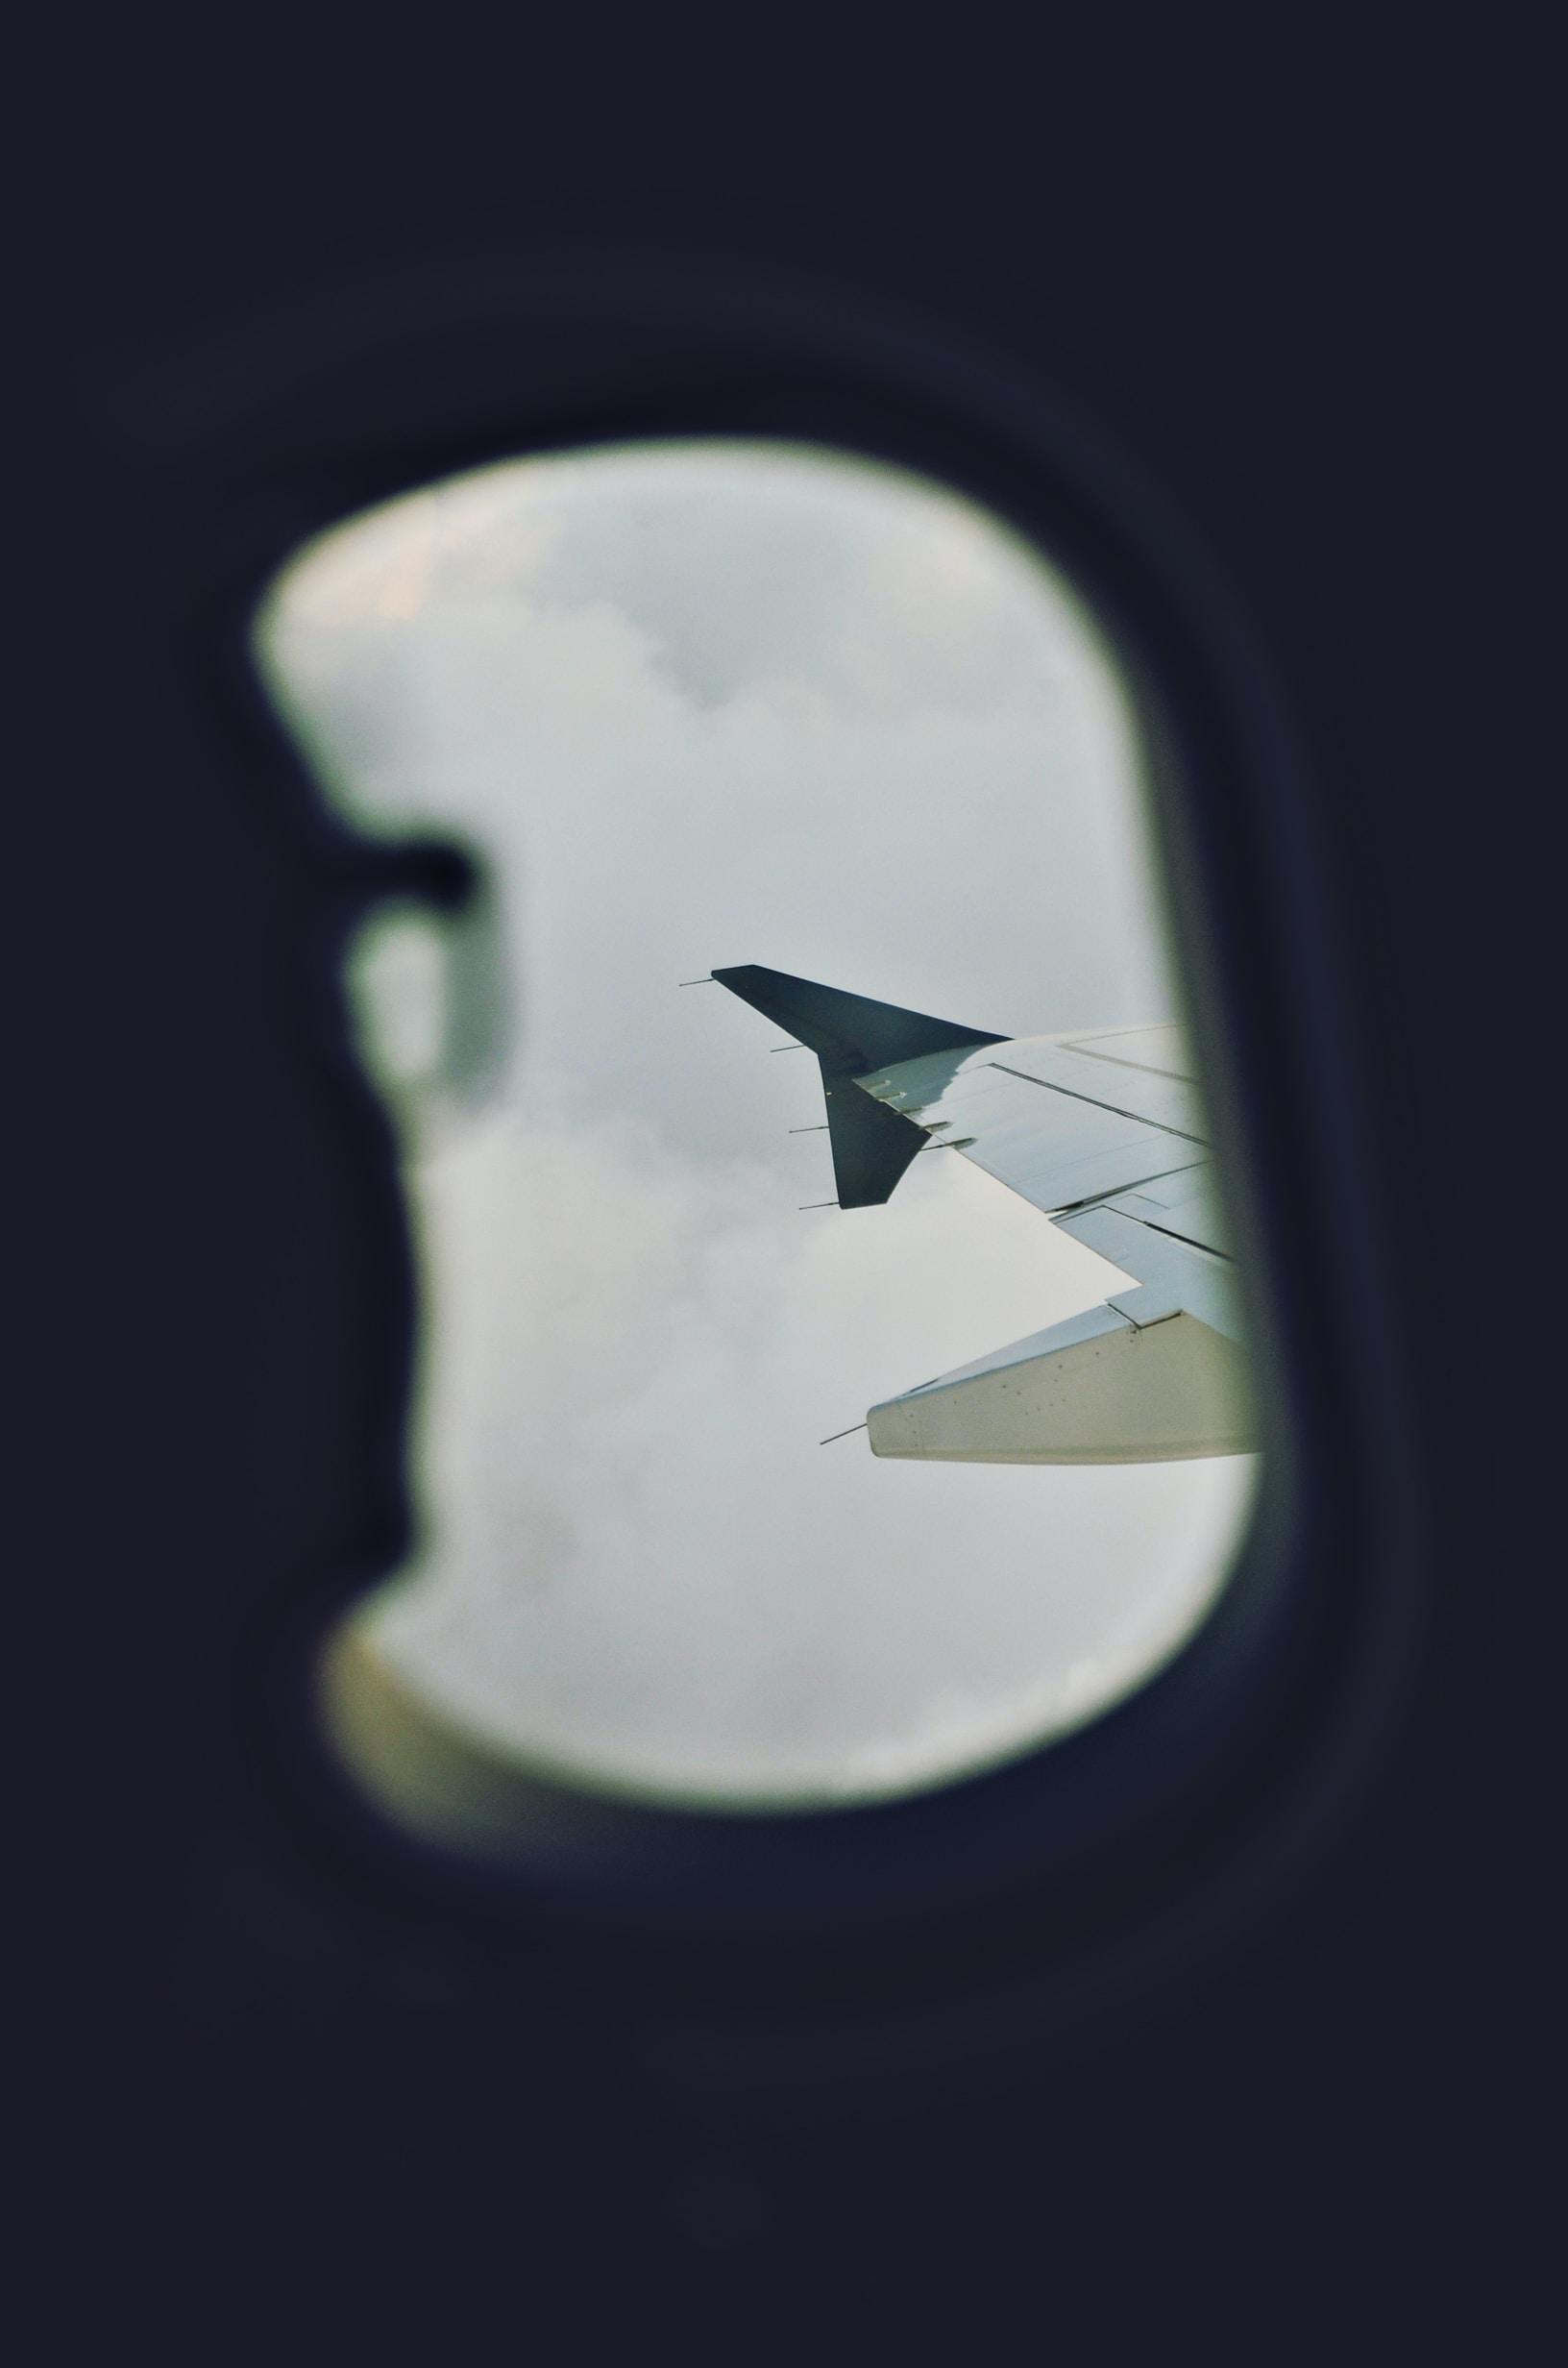 passenger view of airplane window